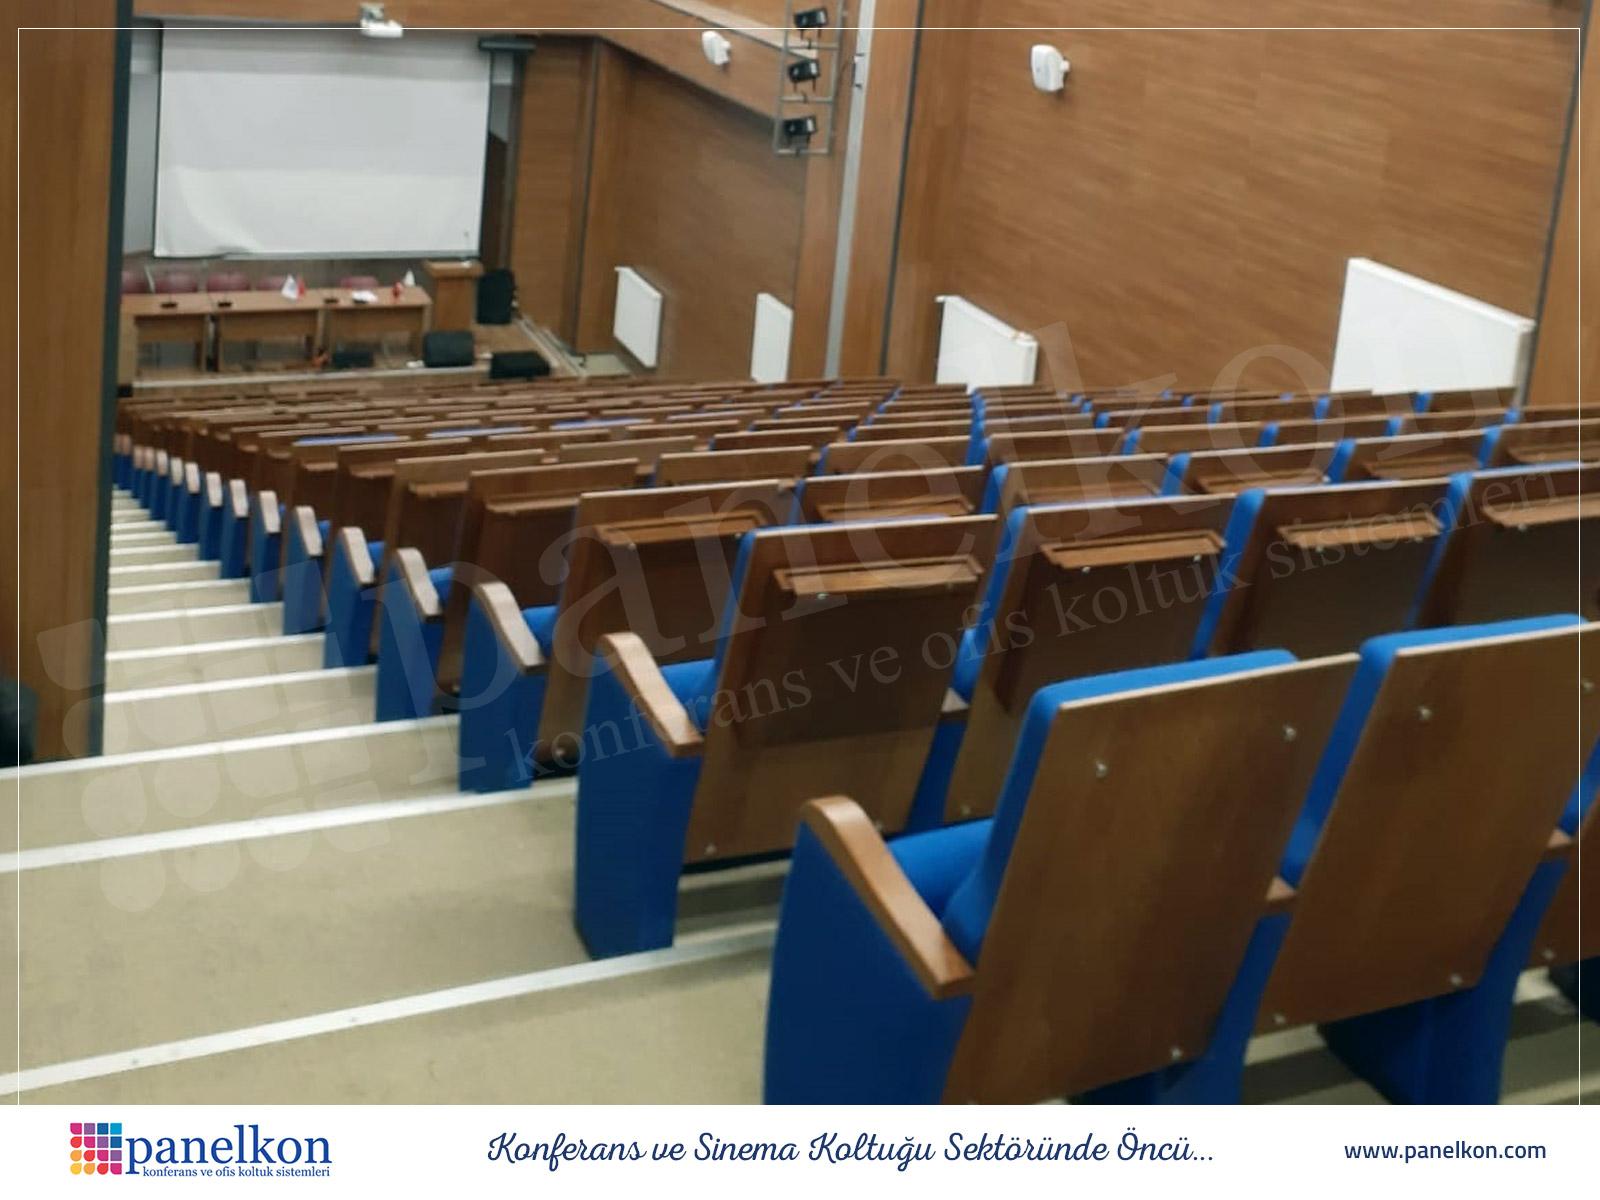 maramara üniversitesi göztepe kampüsü hukuk fakültesi konferans salonu koltukları (3)